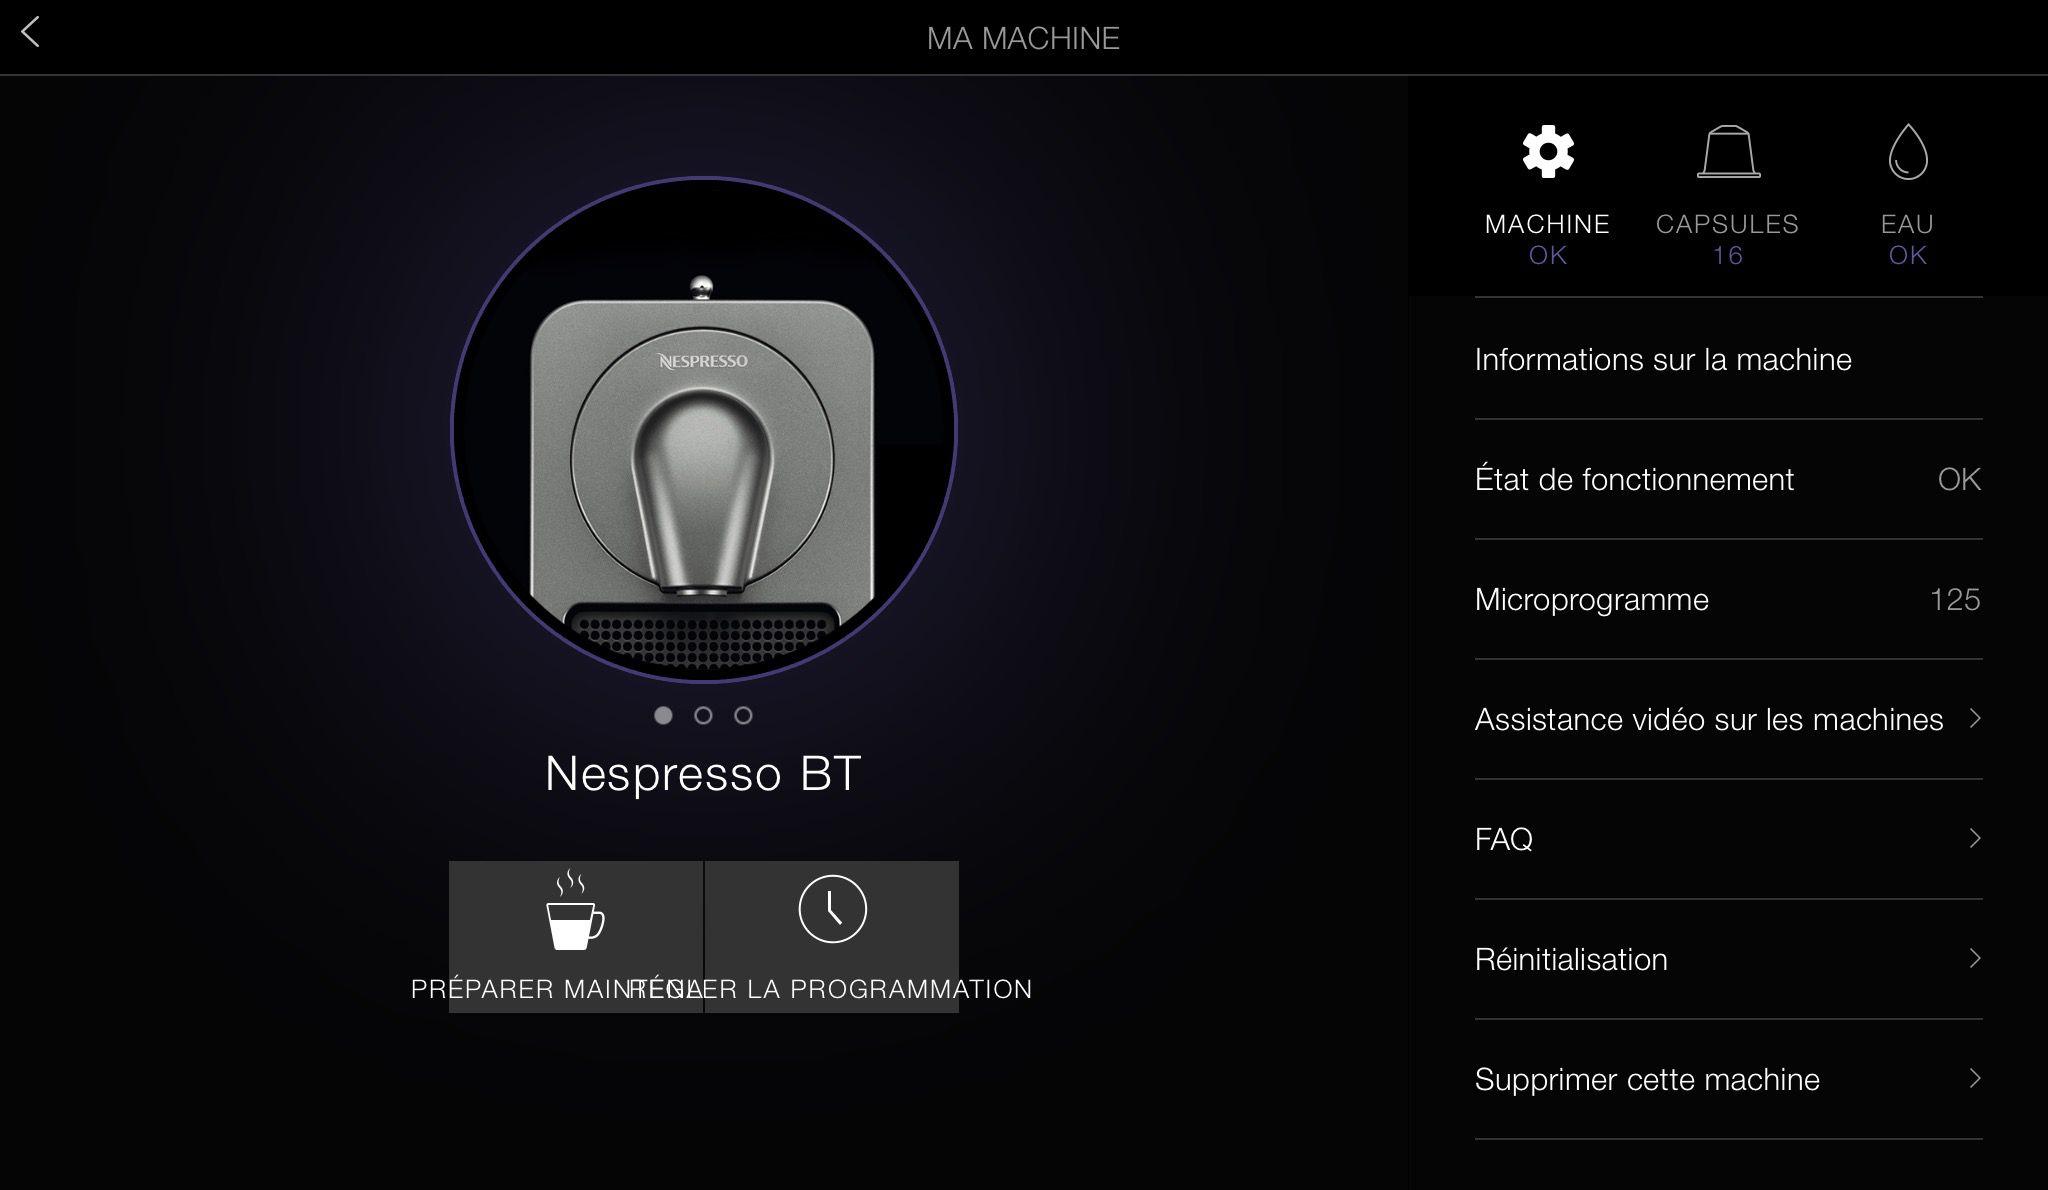 Ergonomie de l'application mobile Nespresso